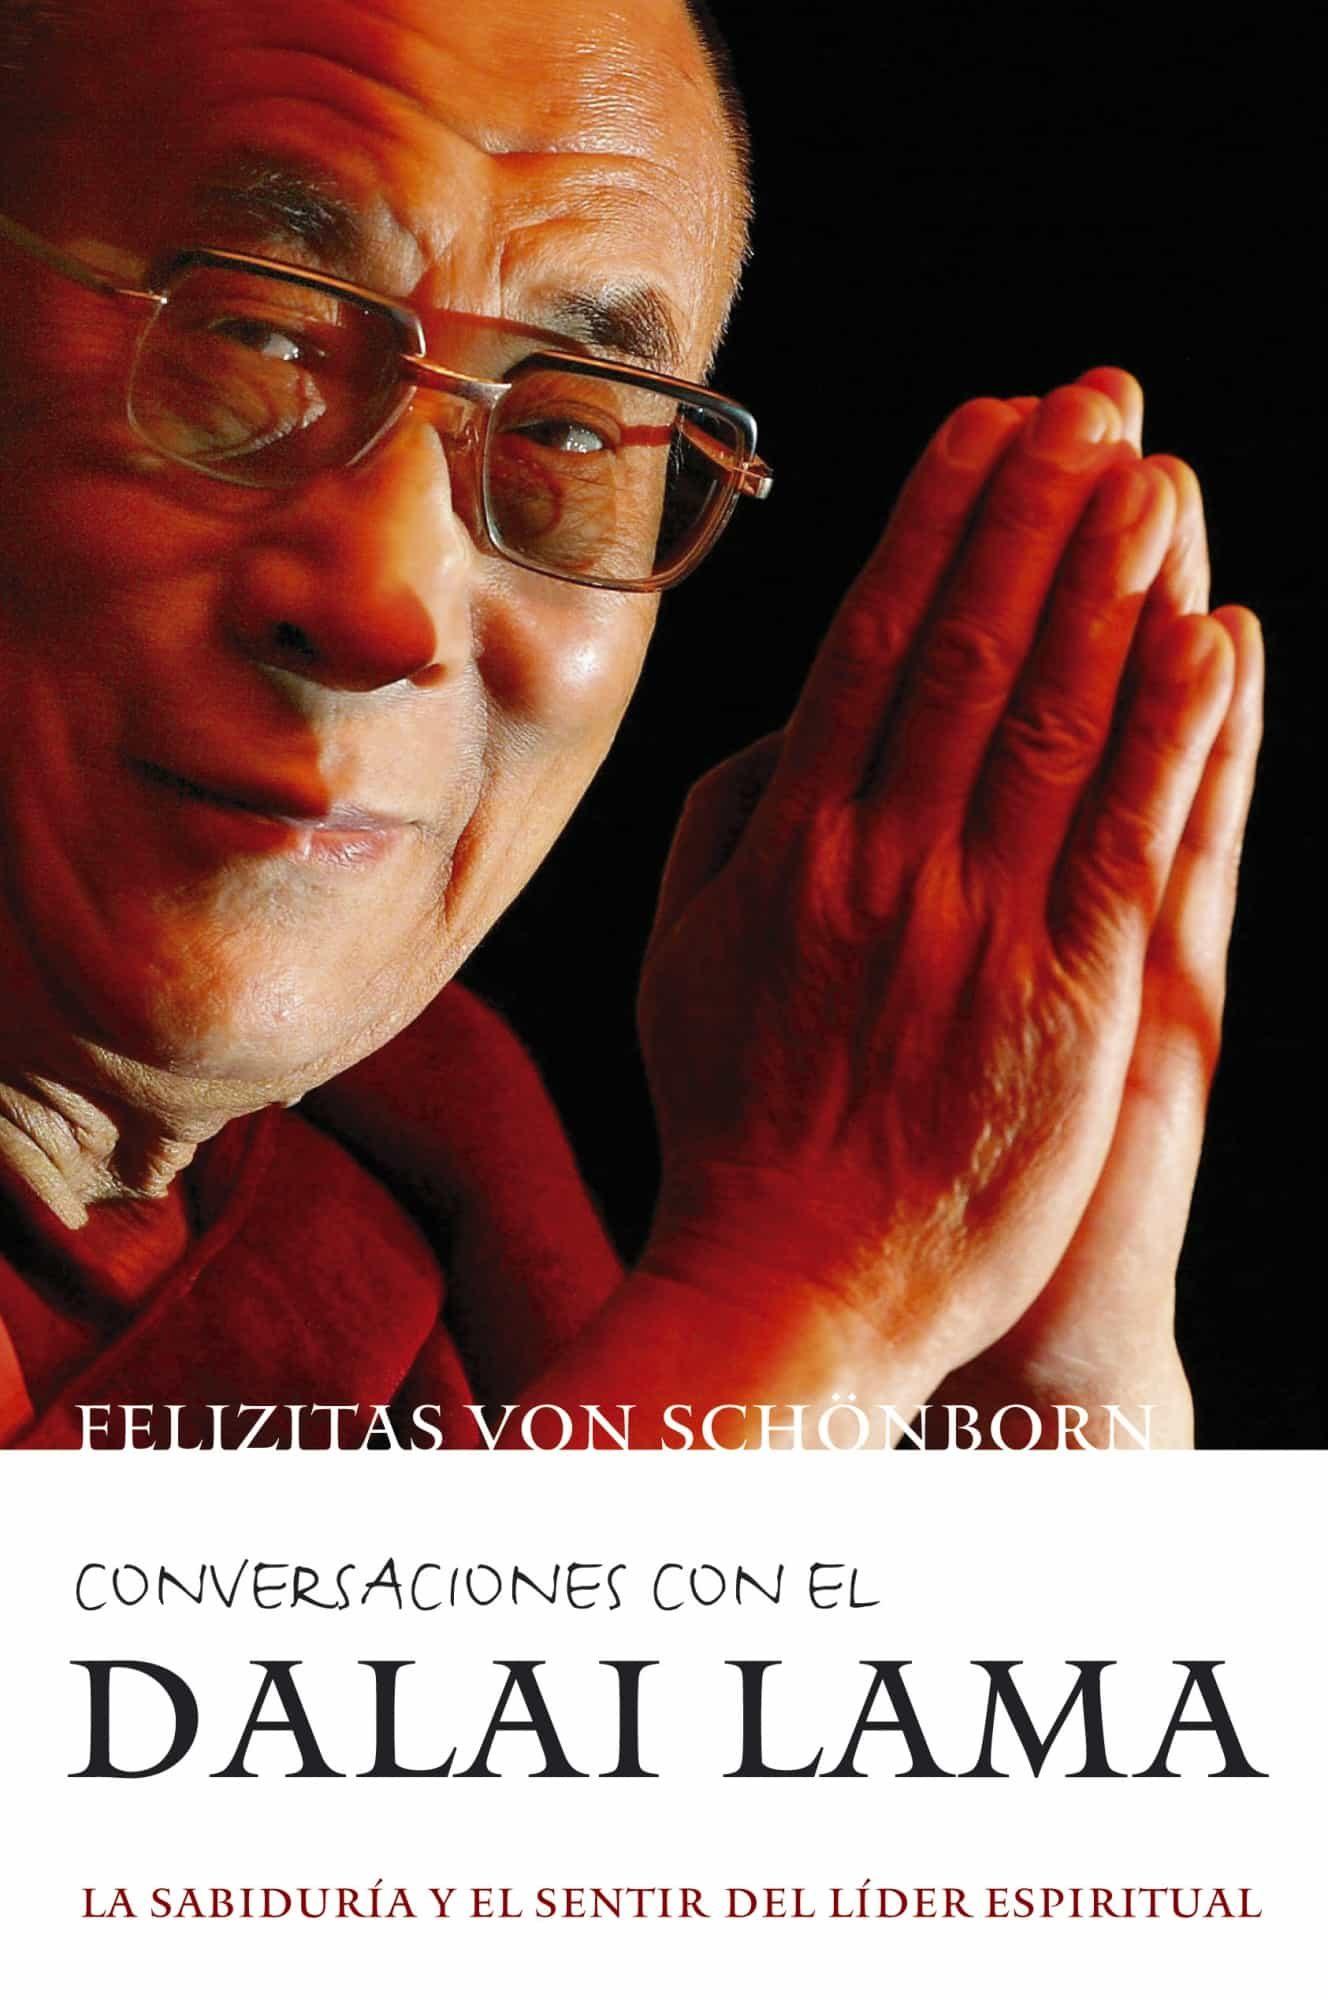 Conversaciones Con El Dalai Lama: La Sabiduria Y El Sentir Del Li Der Espiritual por Felizitas Von Schönborn epub